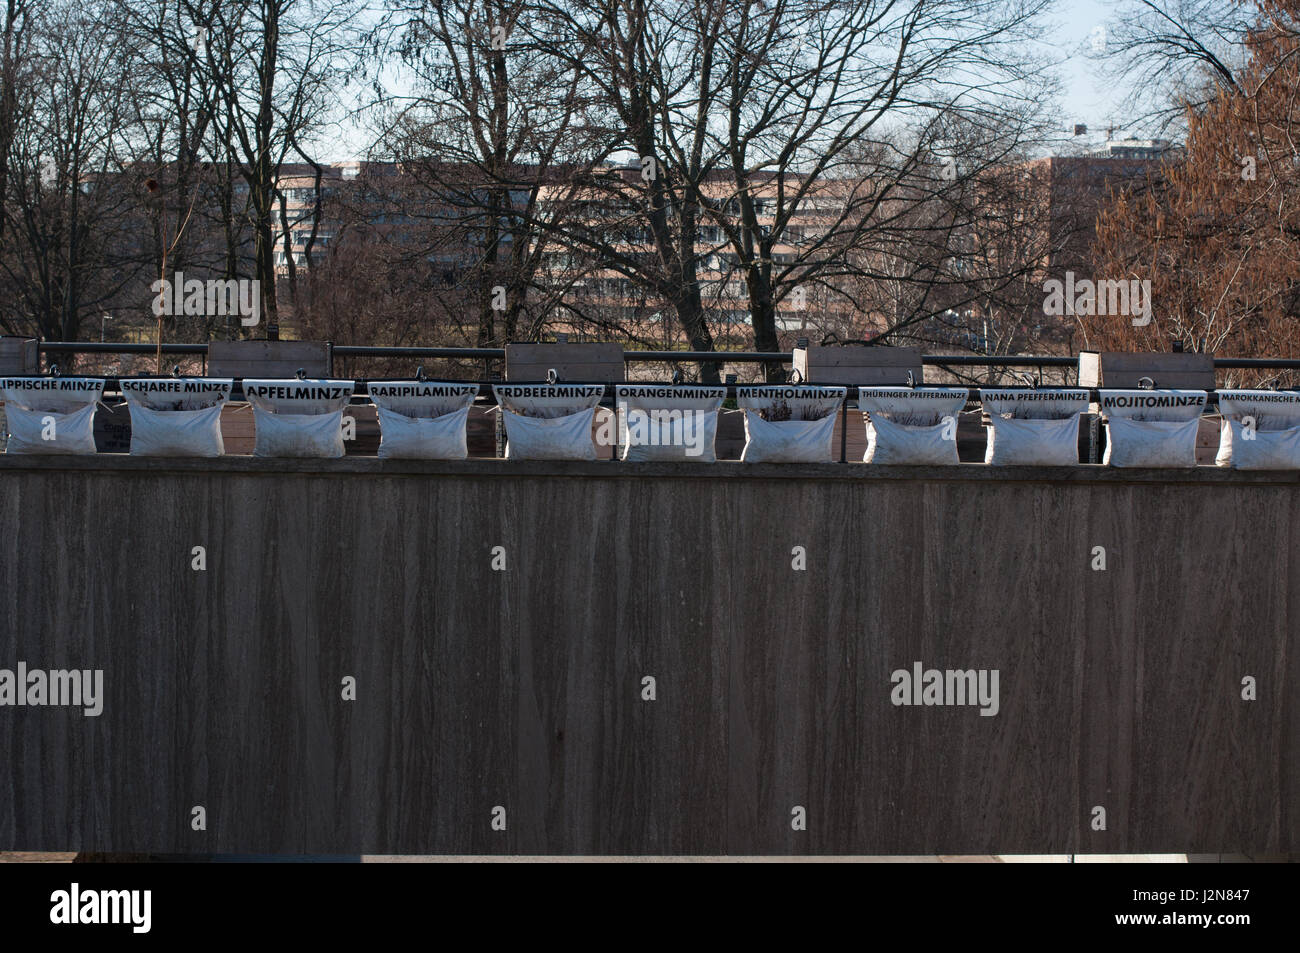 Urban gardening on the roof of Haus der Kulturen der Welt, Berlin, Germany. Temporärer Stadtgarten / Kunstinstallation, - Stock Image